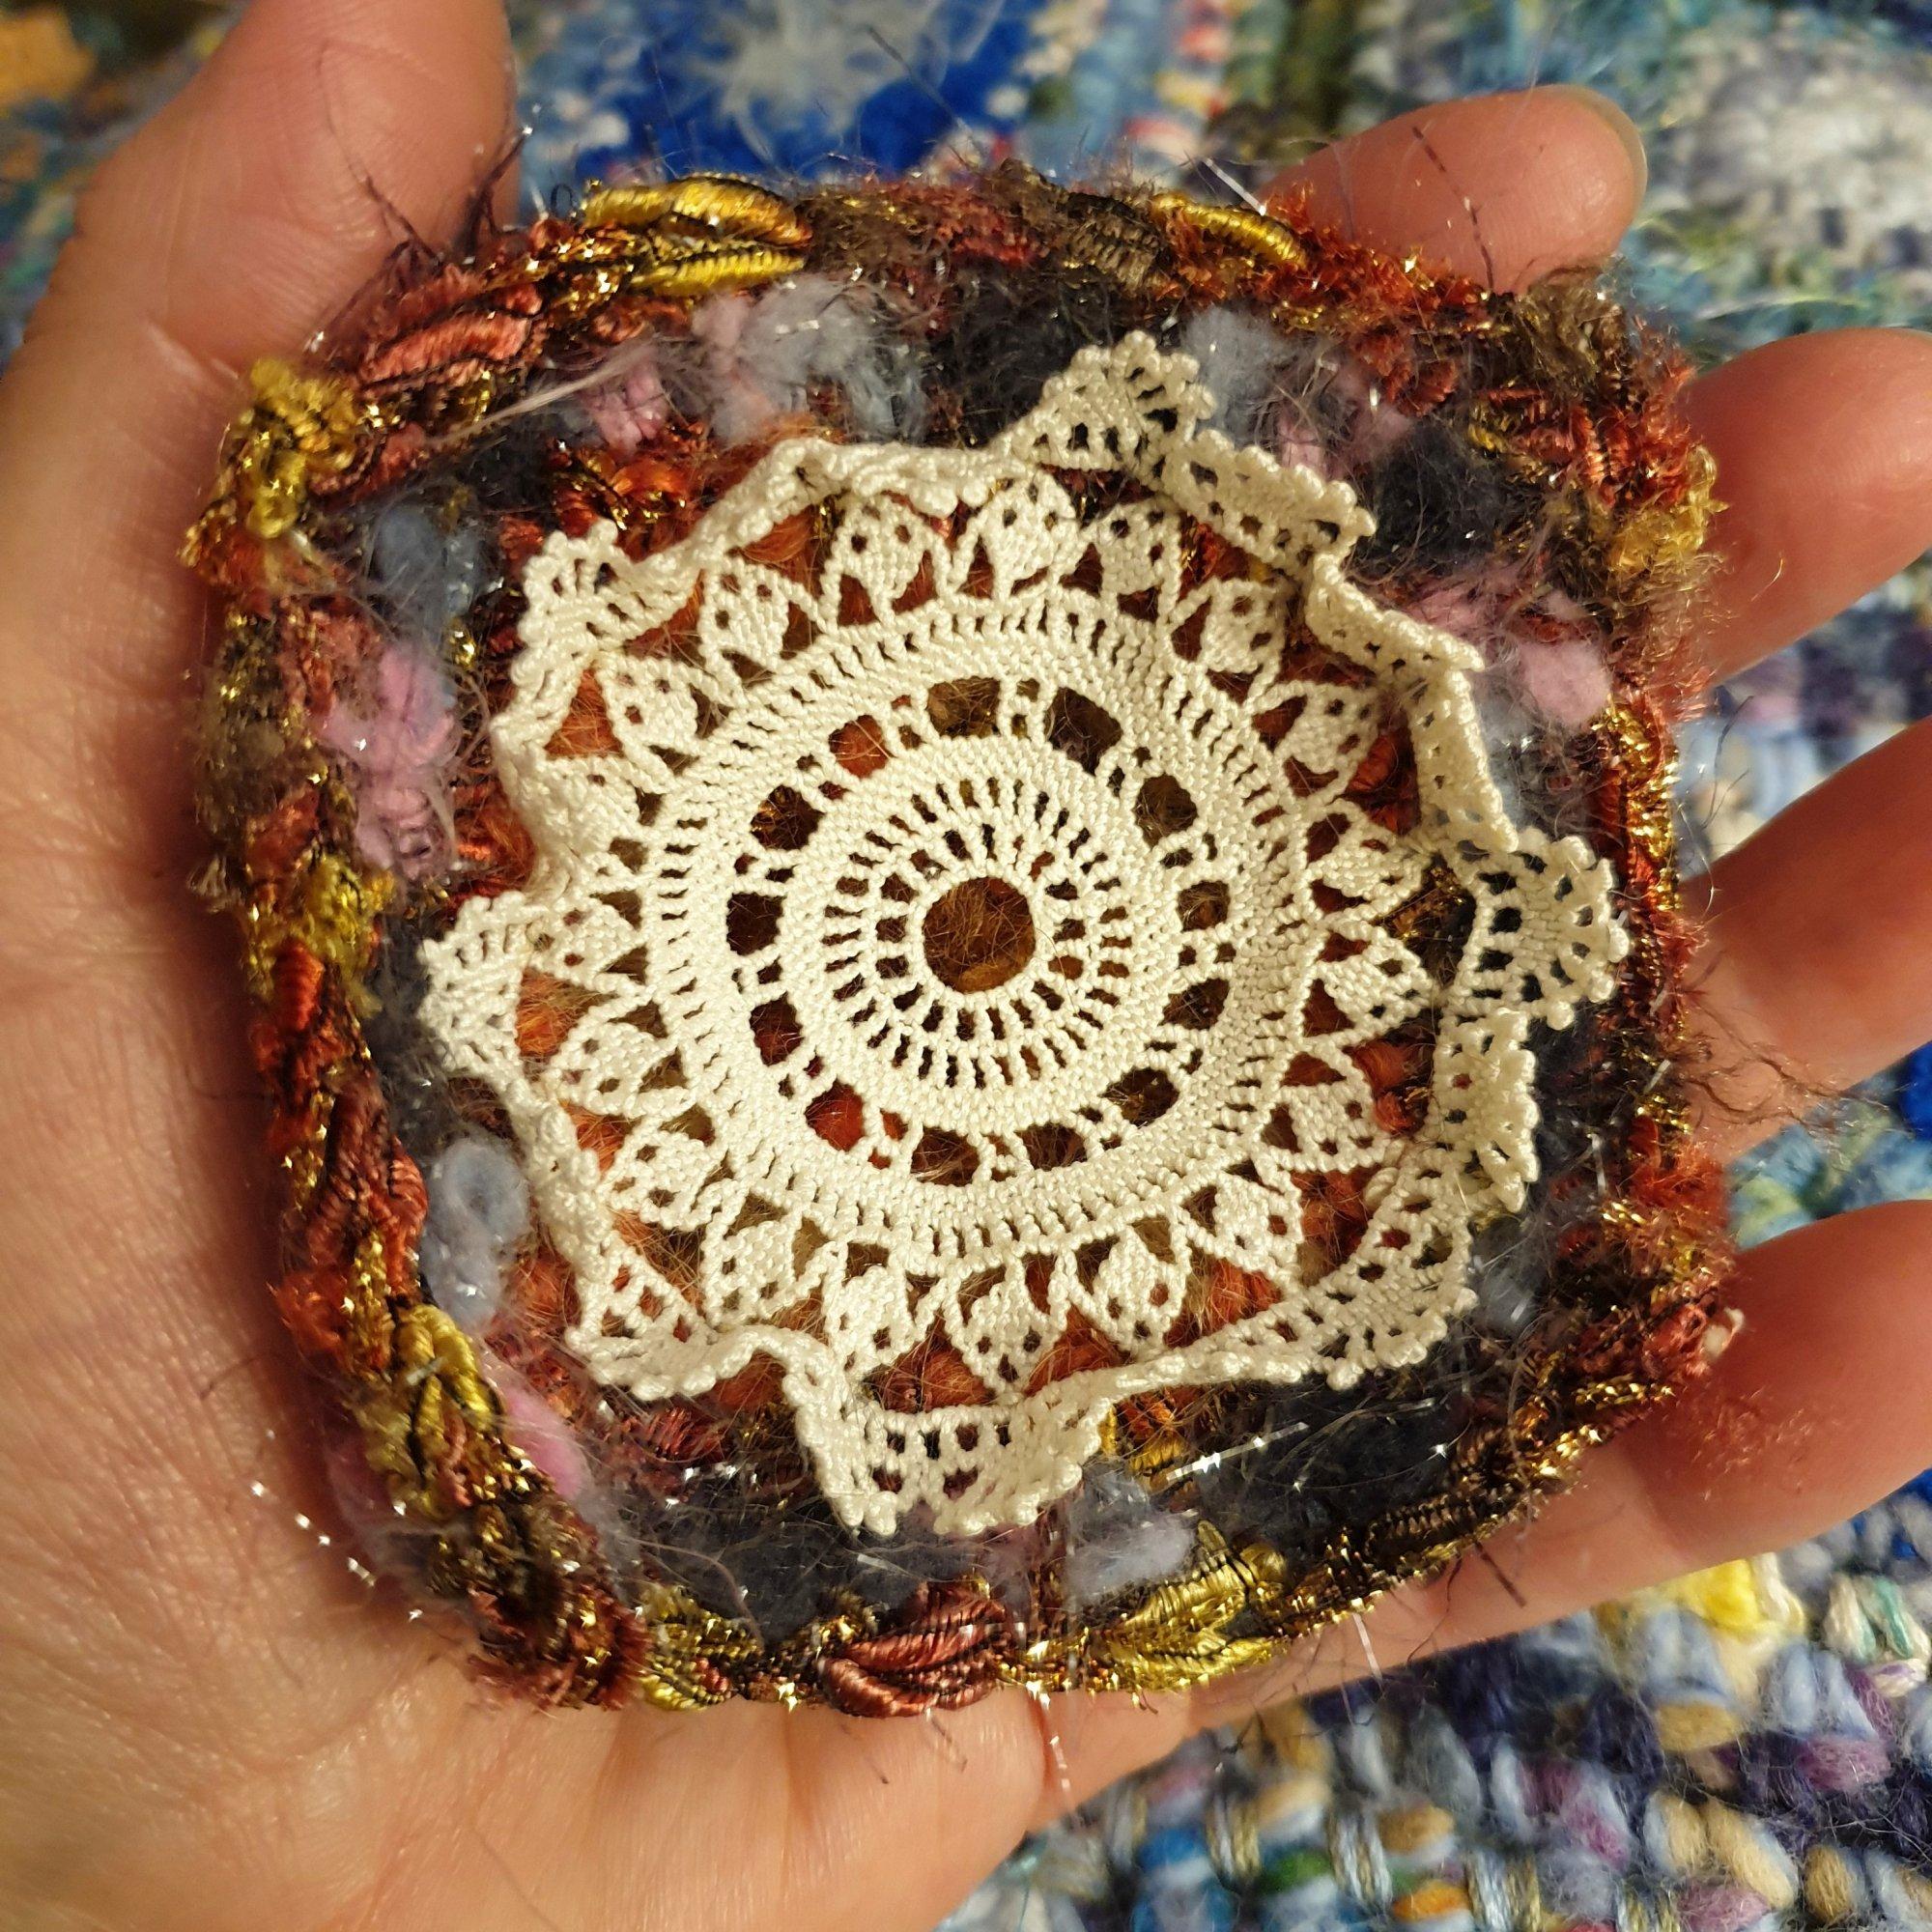 Abstract Flower #5 RRR Fiber Art Brooch - Fiore Astratto #5 spilla fiber art RRR